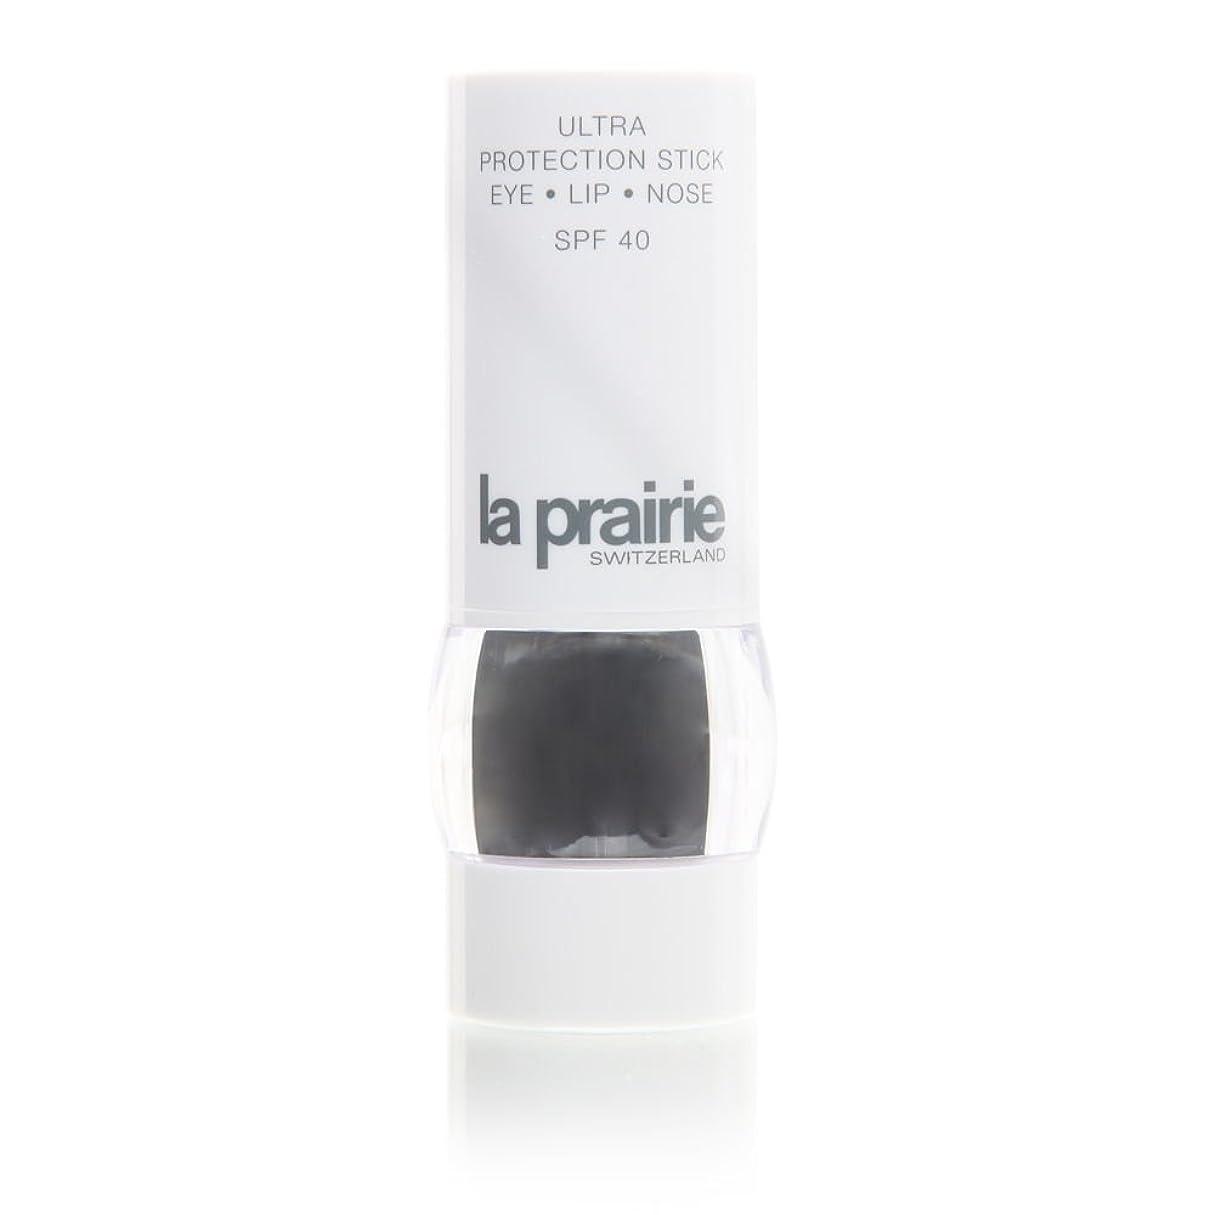 チョップ咲く鳩La prairie - ウルトラサンプロテクションSPF40は10グラムスティック - 【並行輸入品】